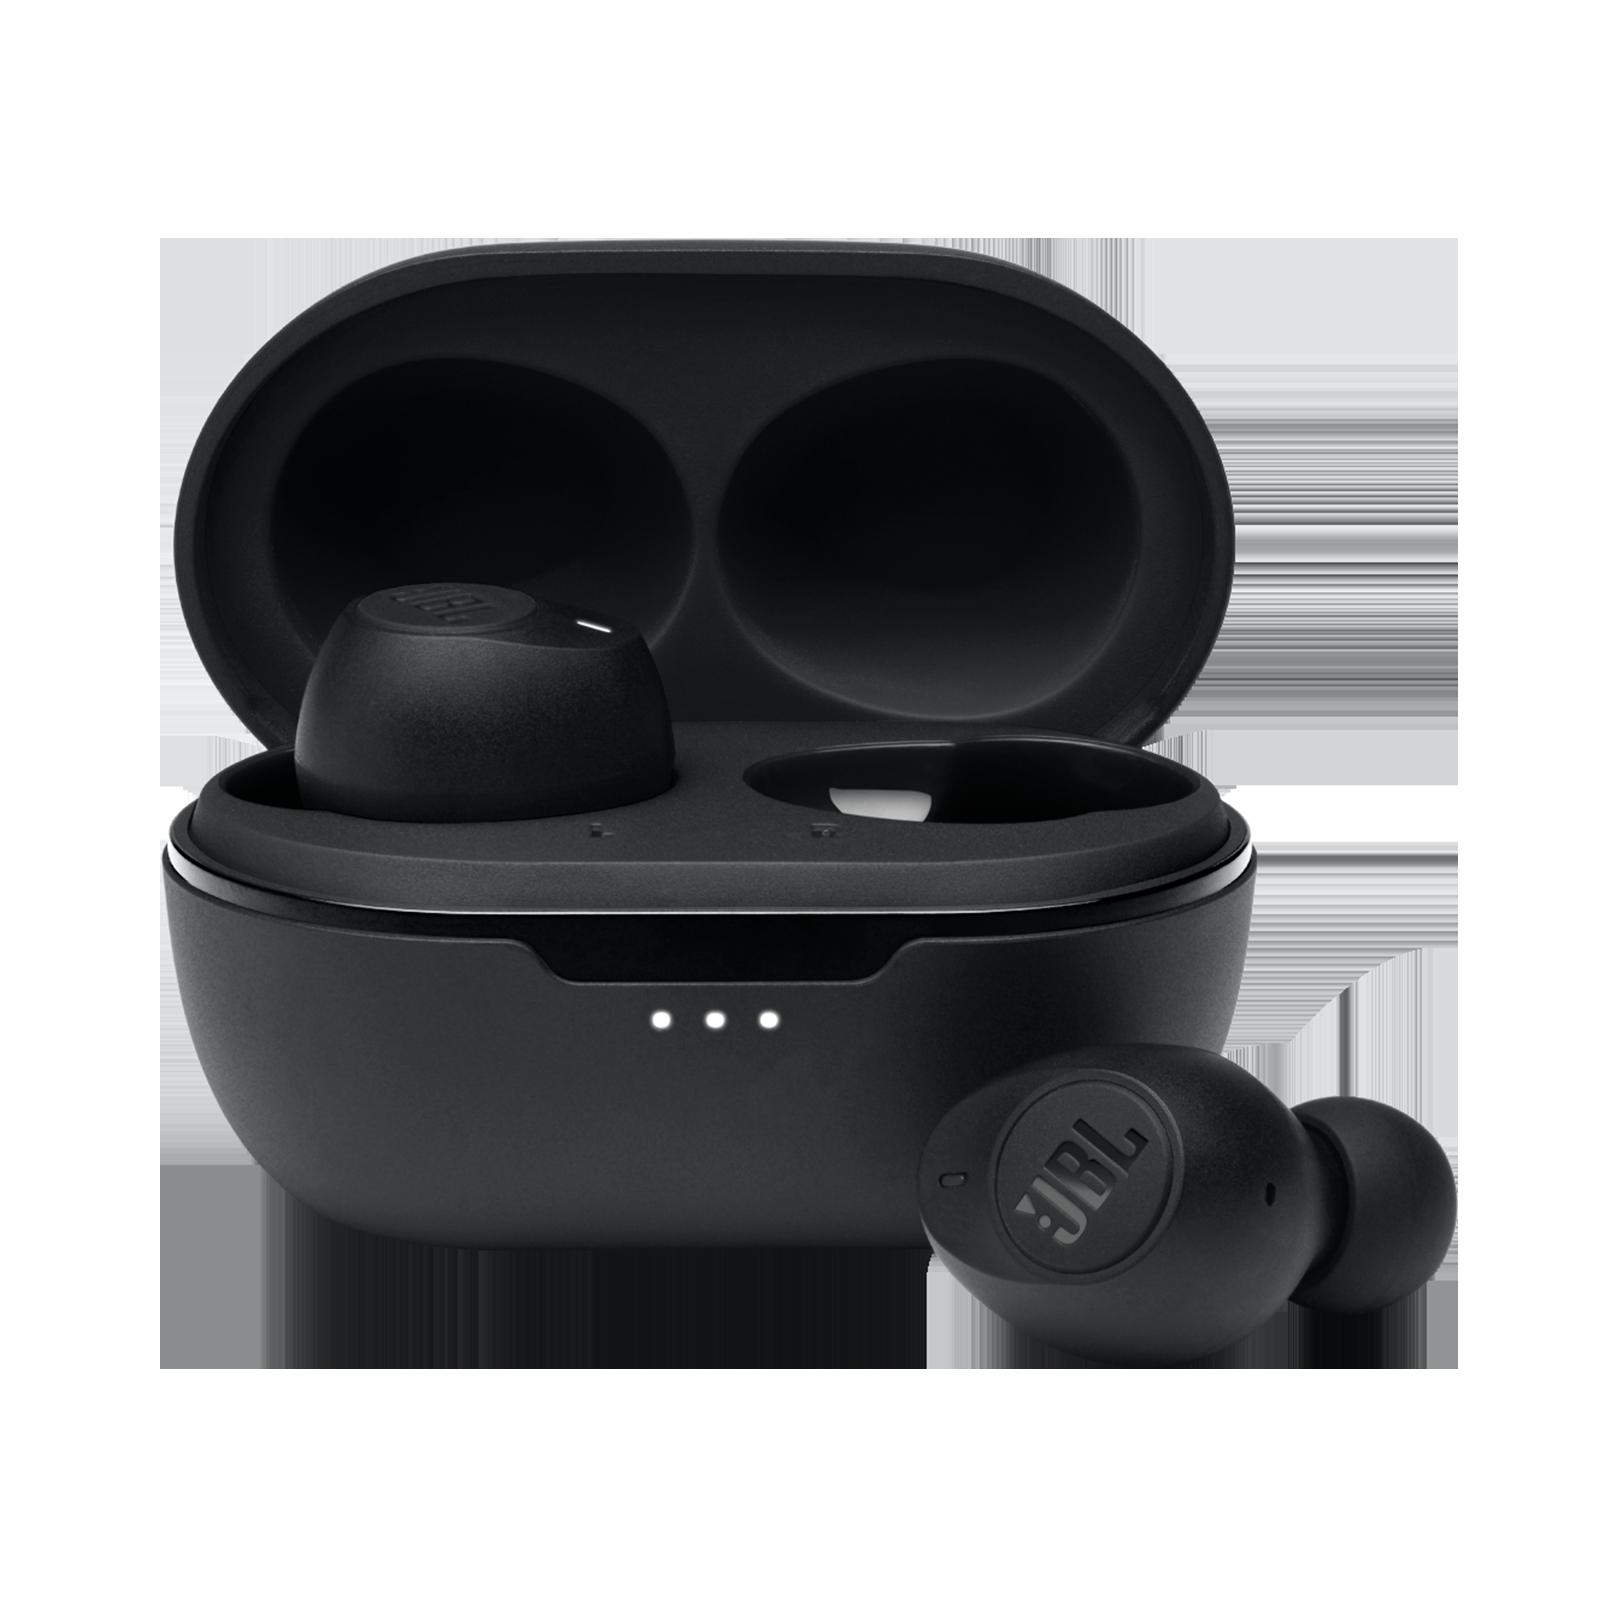 JBL Tune 115TWS - Black - True wireless earbuds - Hero